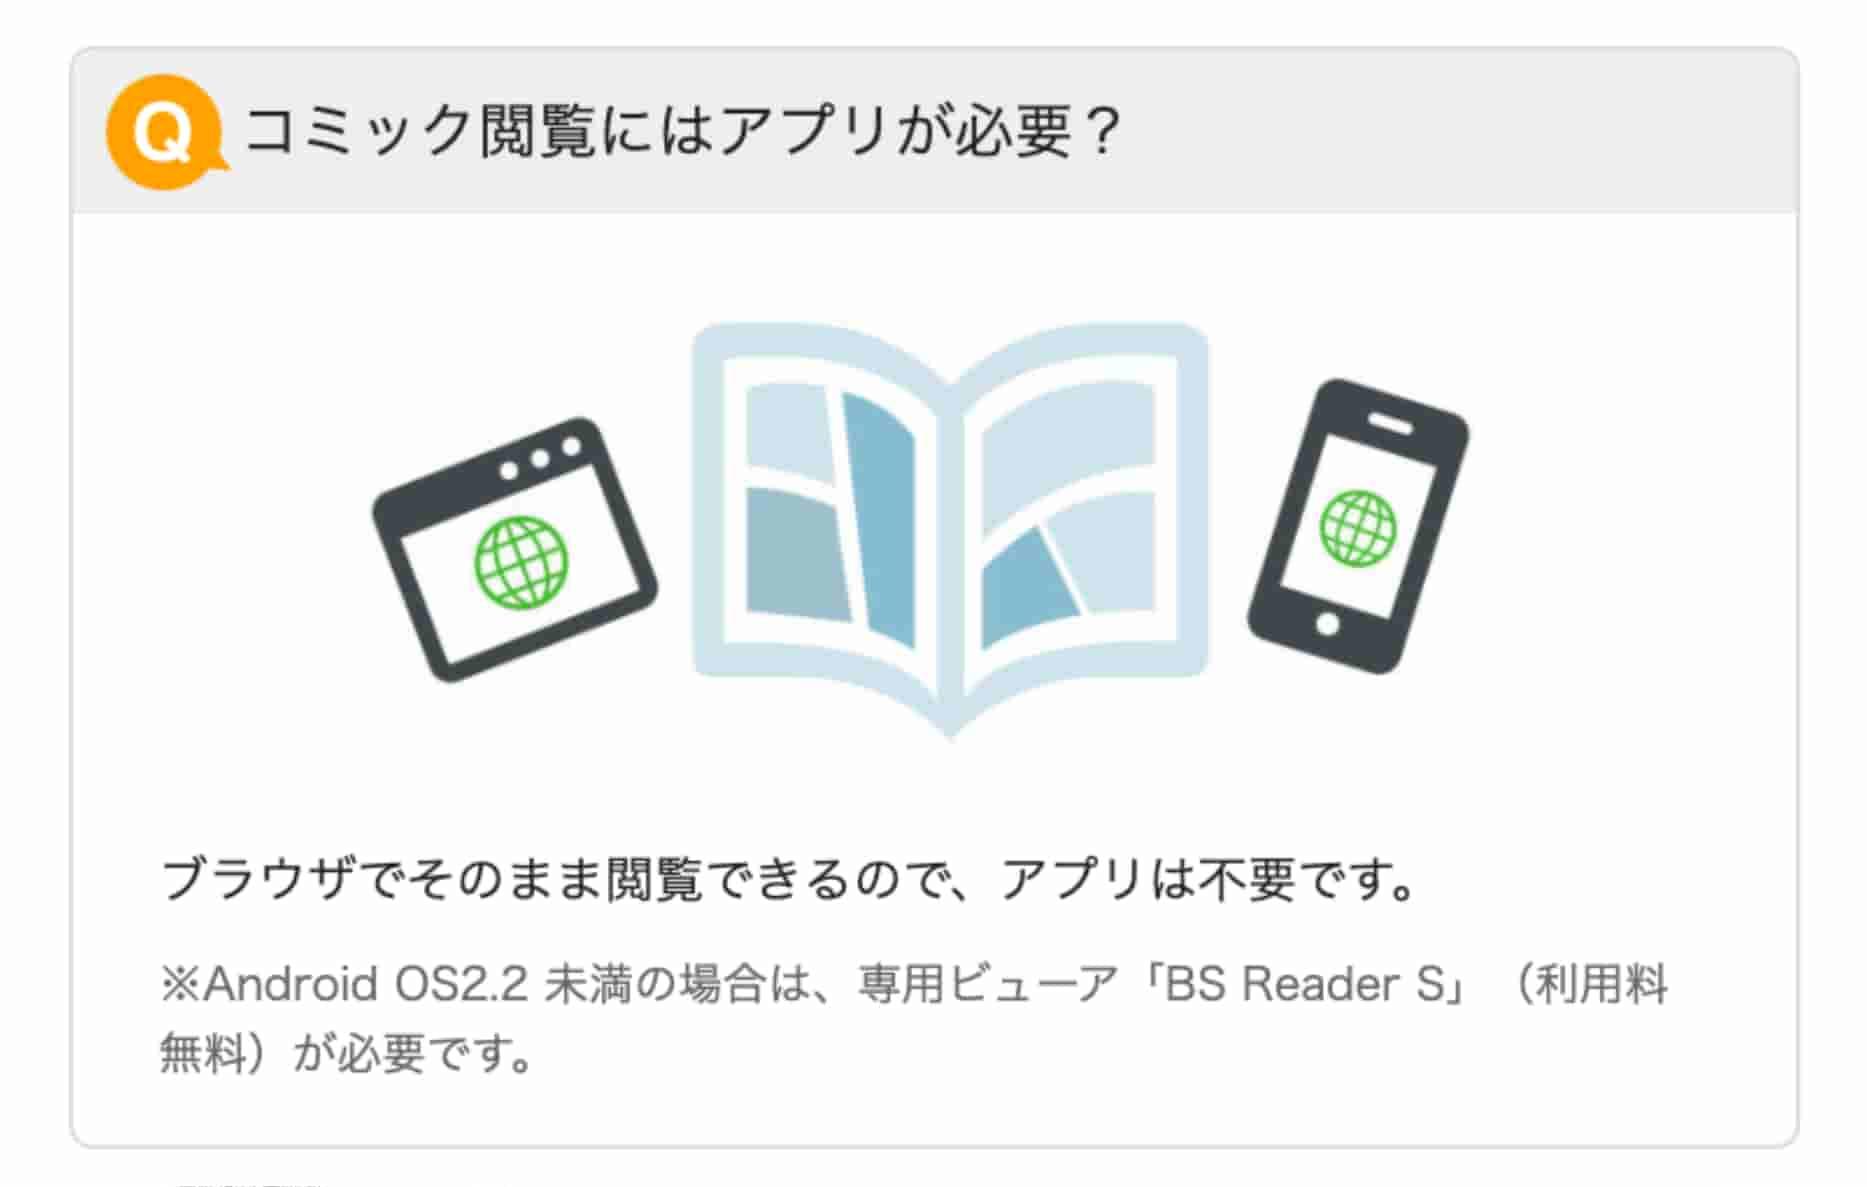 めちゃコミックのQ&A(アプリについて)